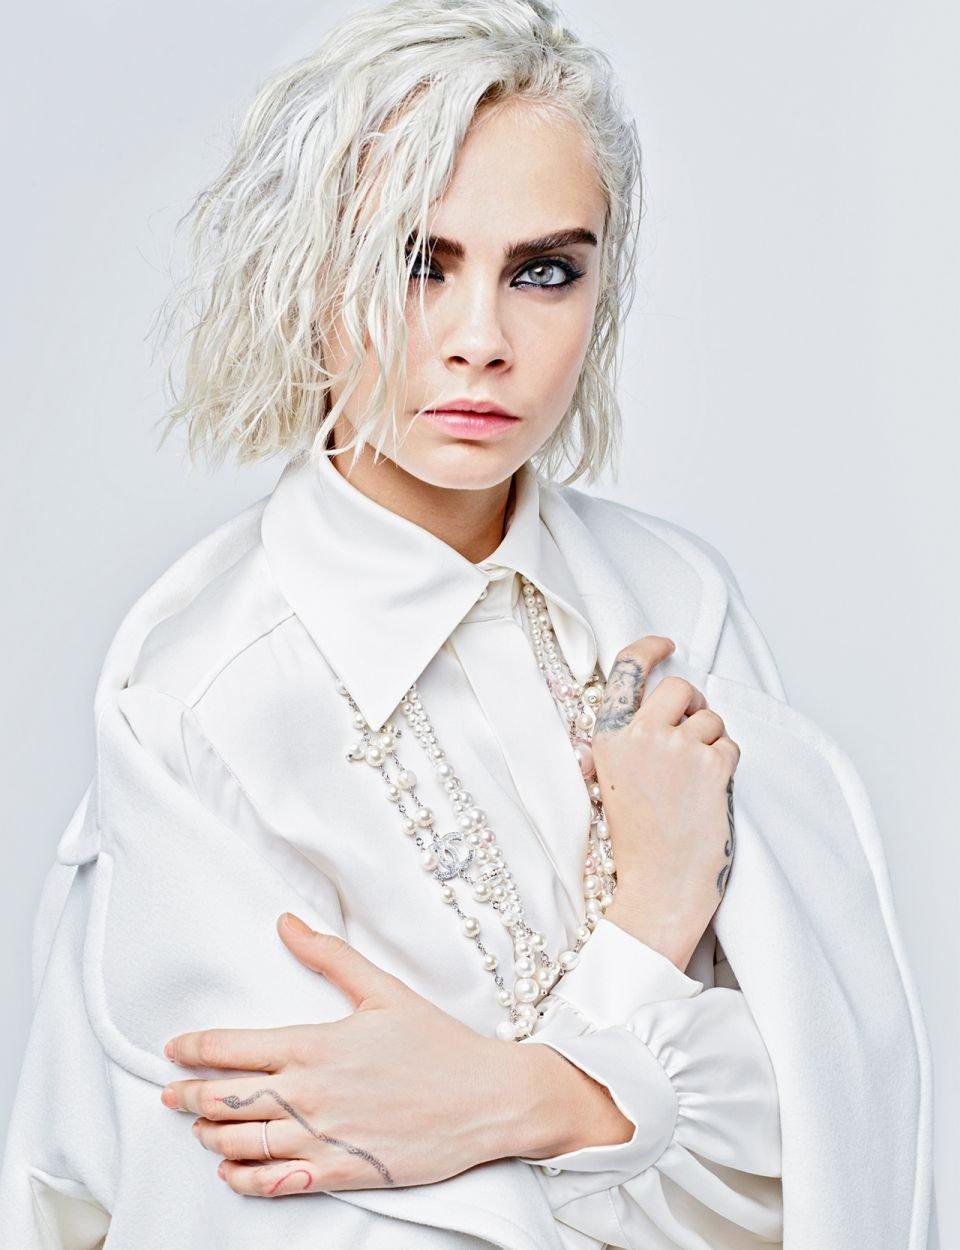 Chanel-Fall-Winter-2017-Ad-Campaign-9